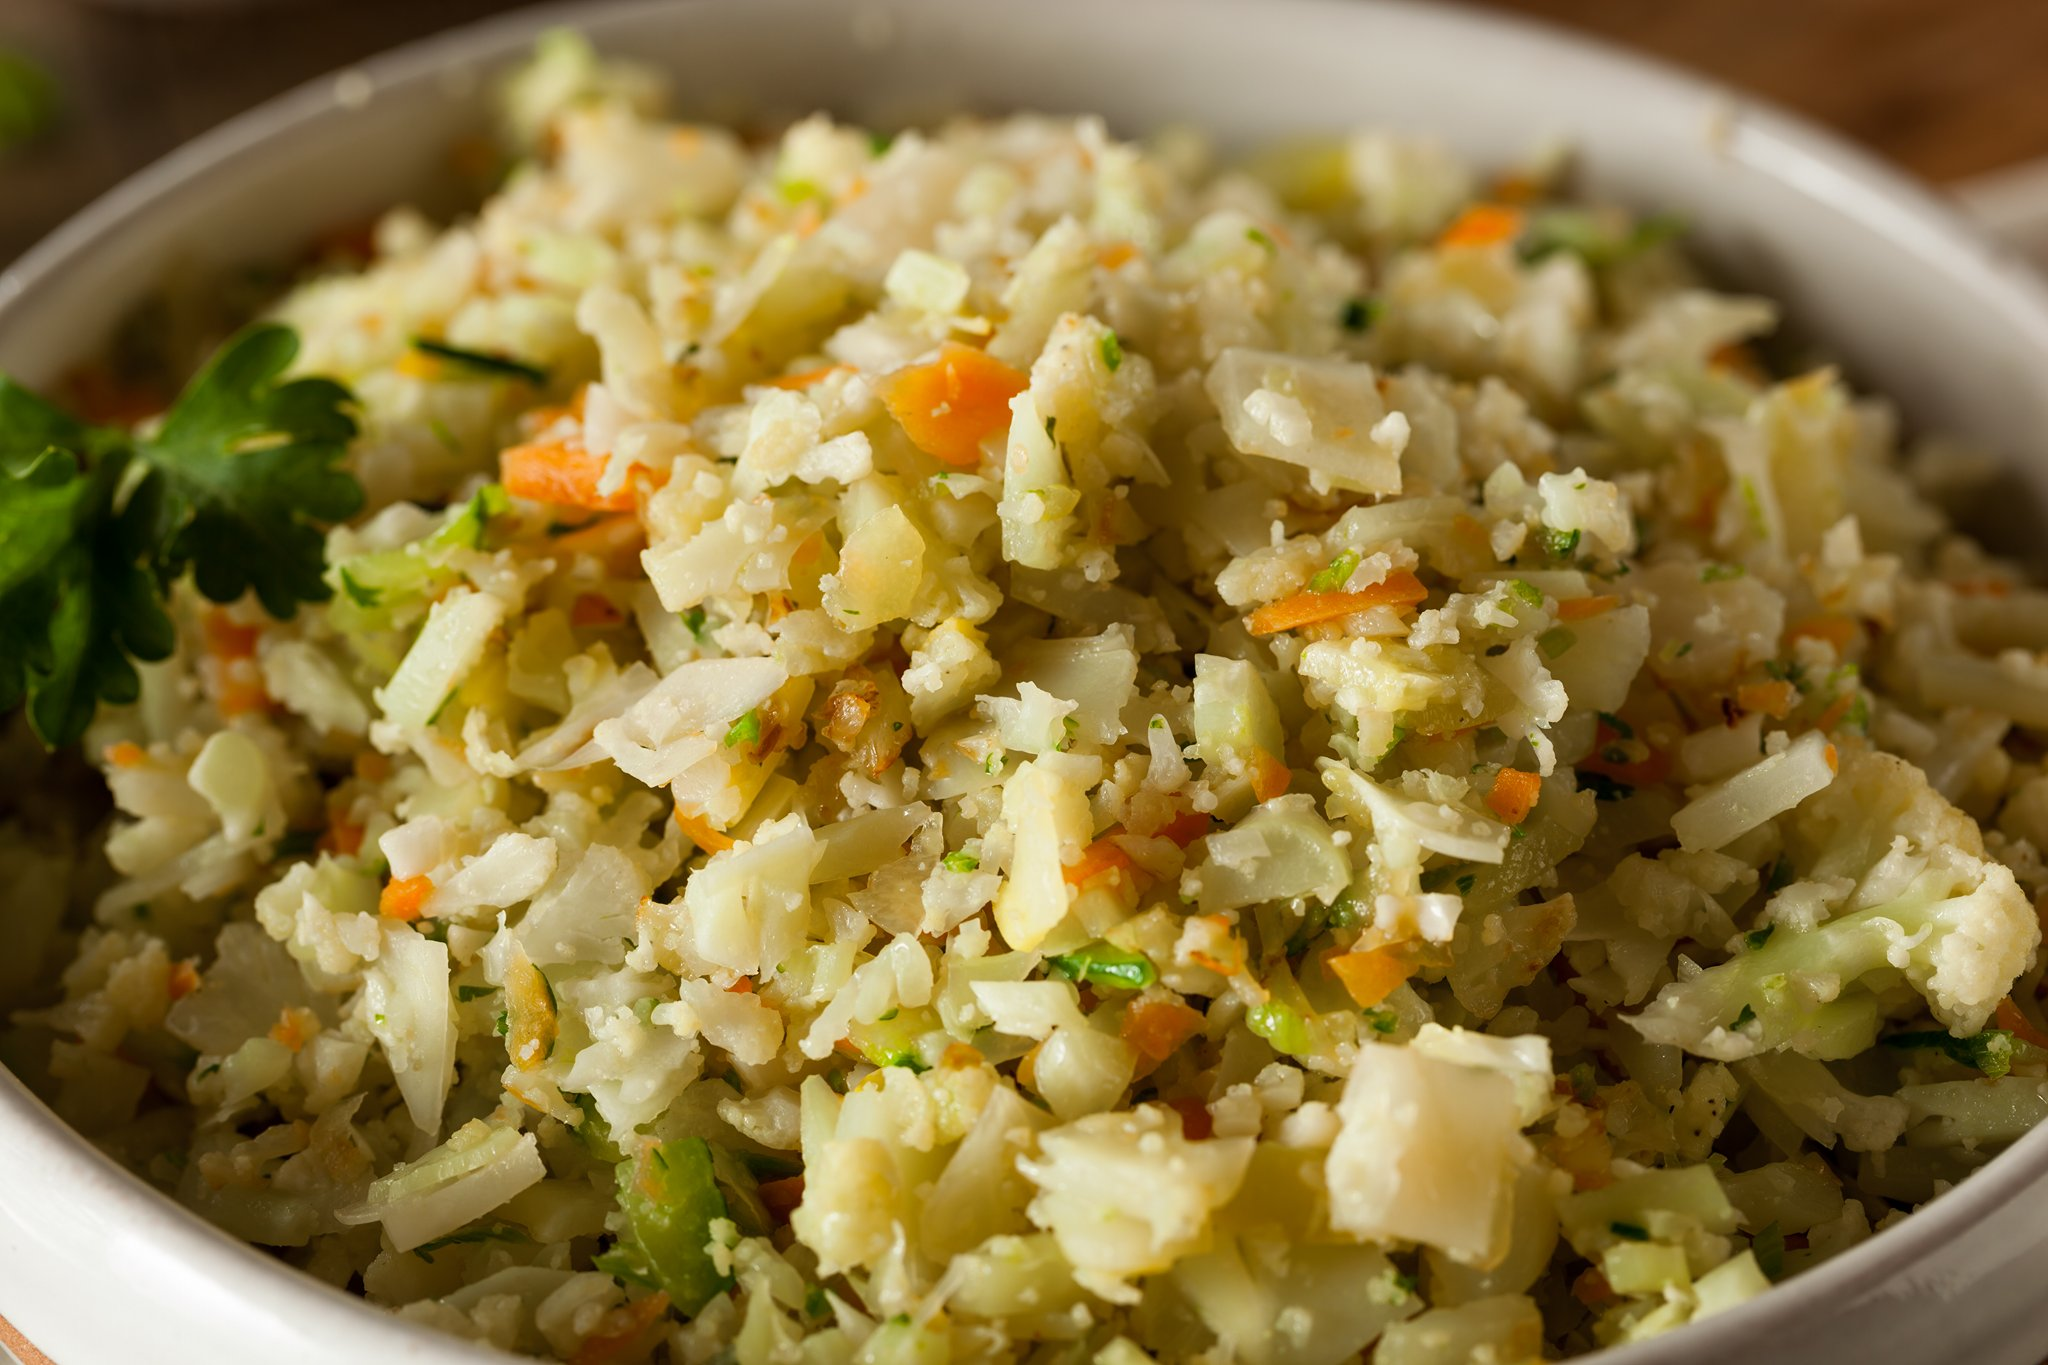 turkey-herb-stuffing-style-riced-cauliflower